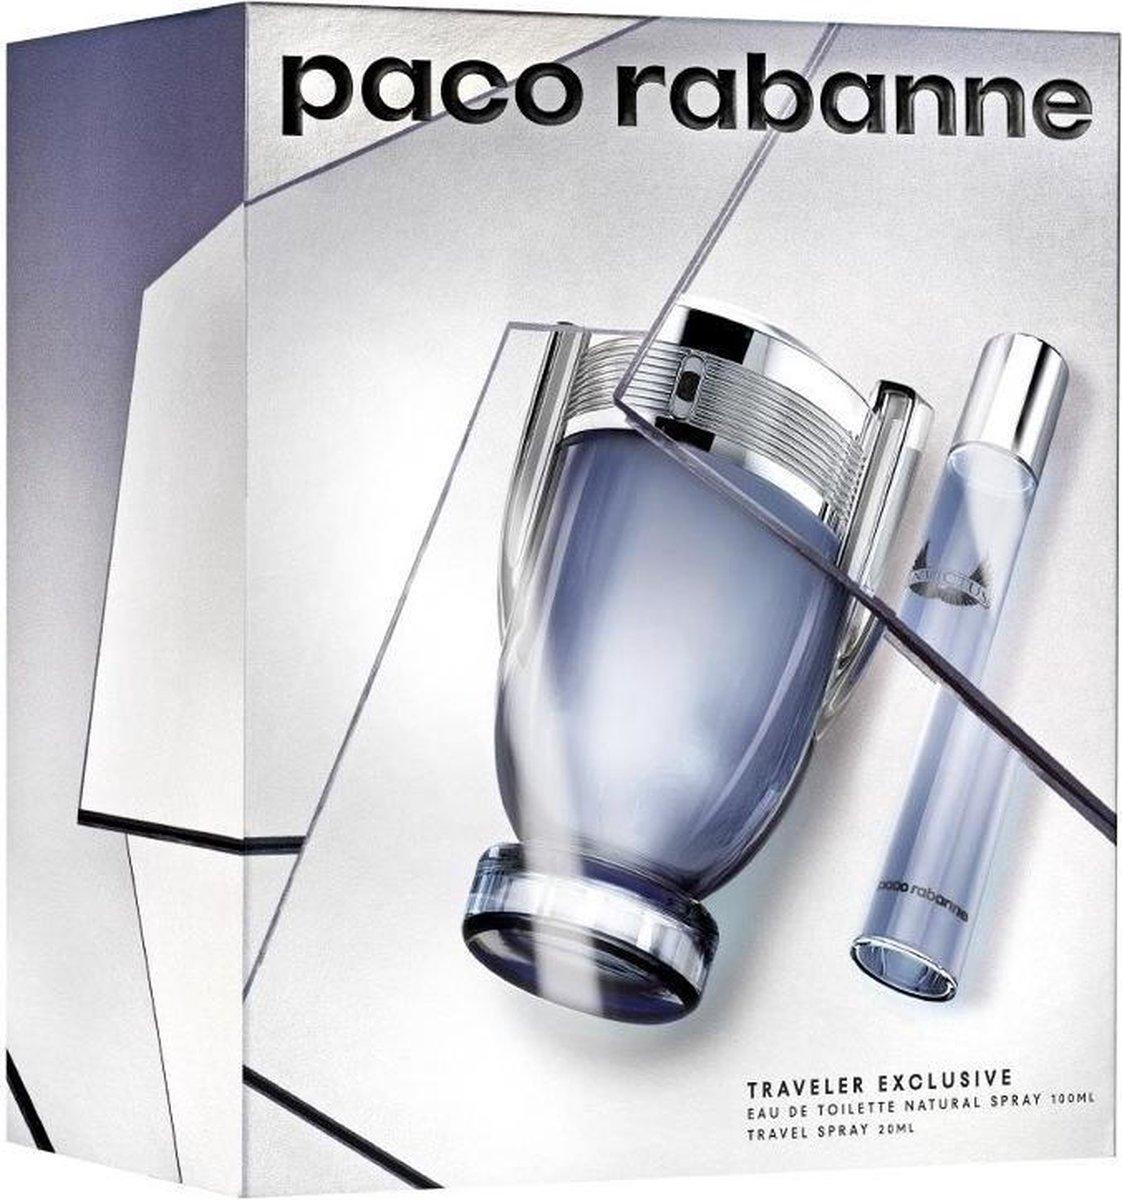 Invictus 100ml Edt + Mini 20ml Edt - Paco Rabanne set